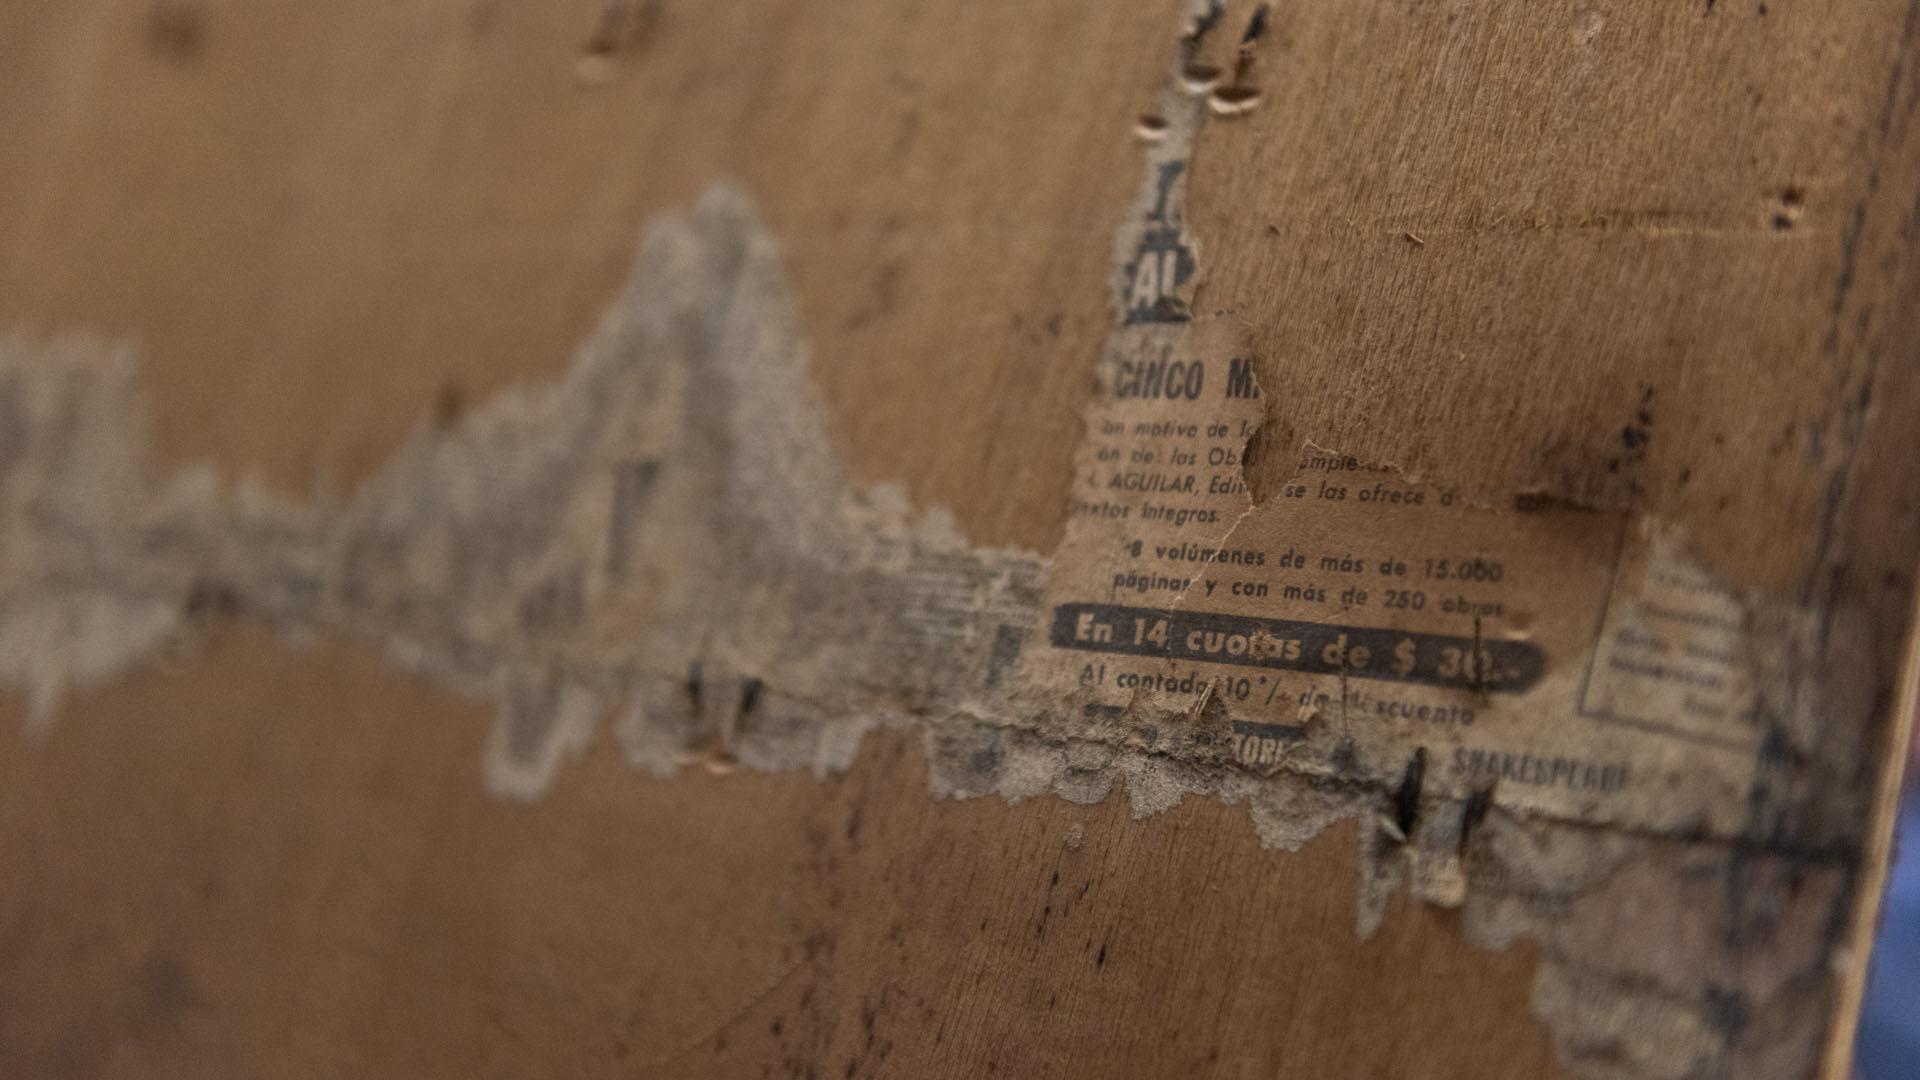 Un hallazgo: recortes de diarios detrás del capitoné de las puertas